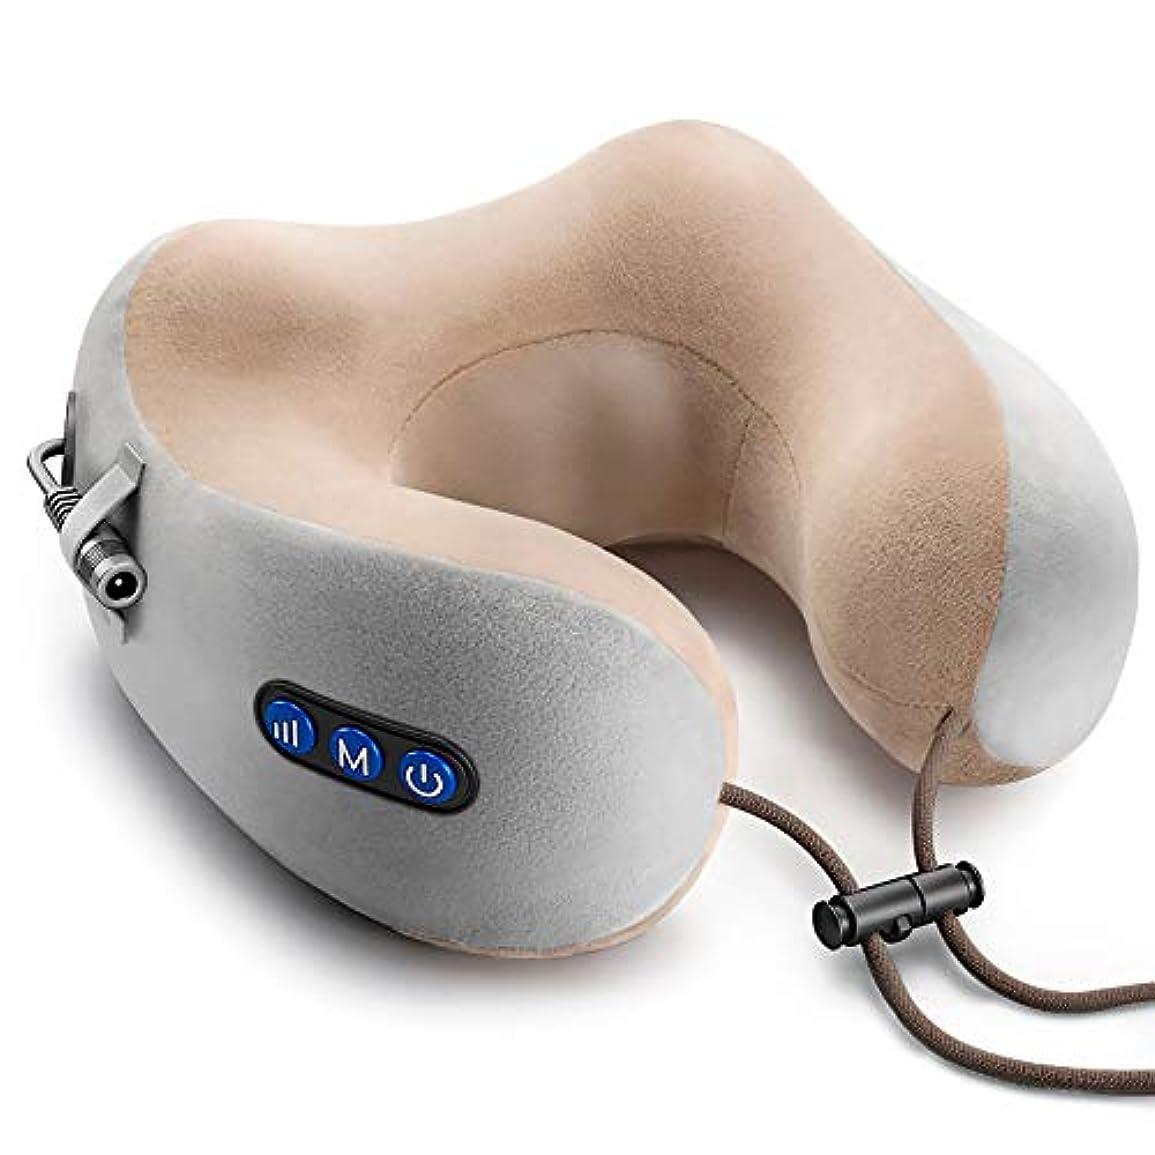 トレースブレスアテンダント首マッサージャー ネックマッサージャー U型 USB充電式 3モード 低反発ネックマッサージピロー 自動オフ機能 肩こり ストレス解消 多機能 人間工学 日本語取扱説明書付 プレゼント